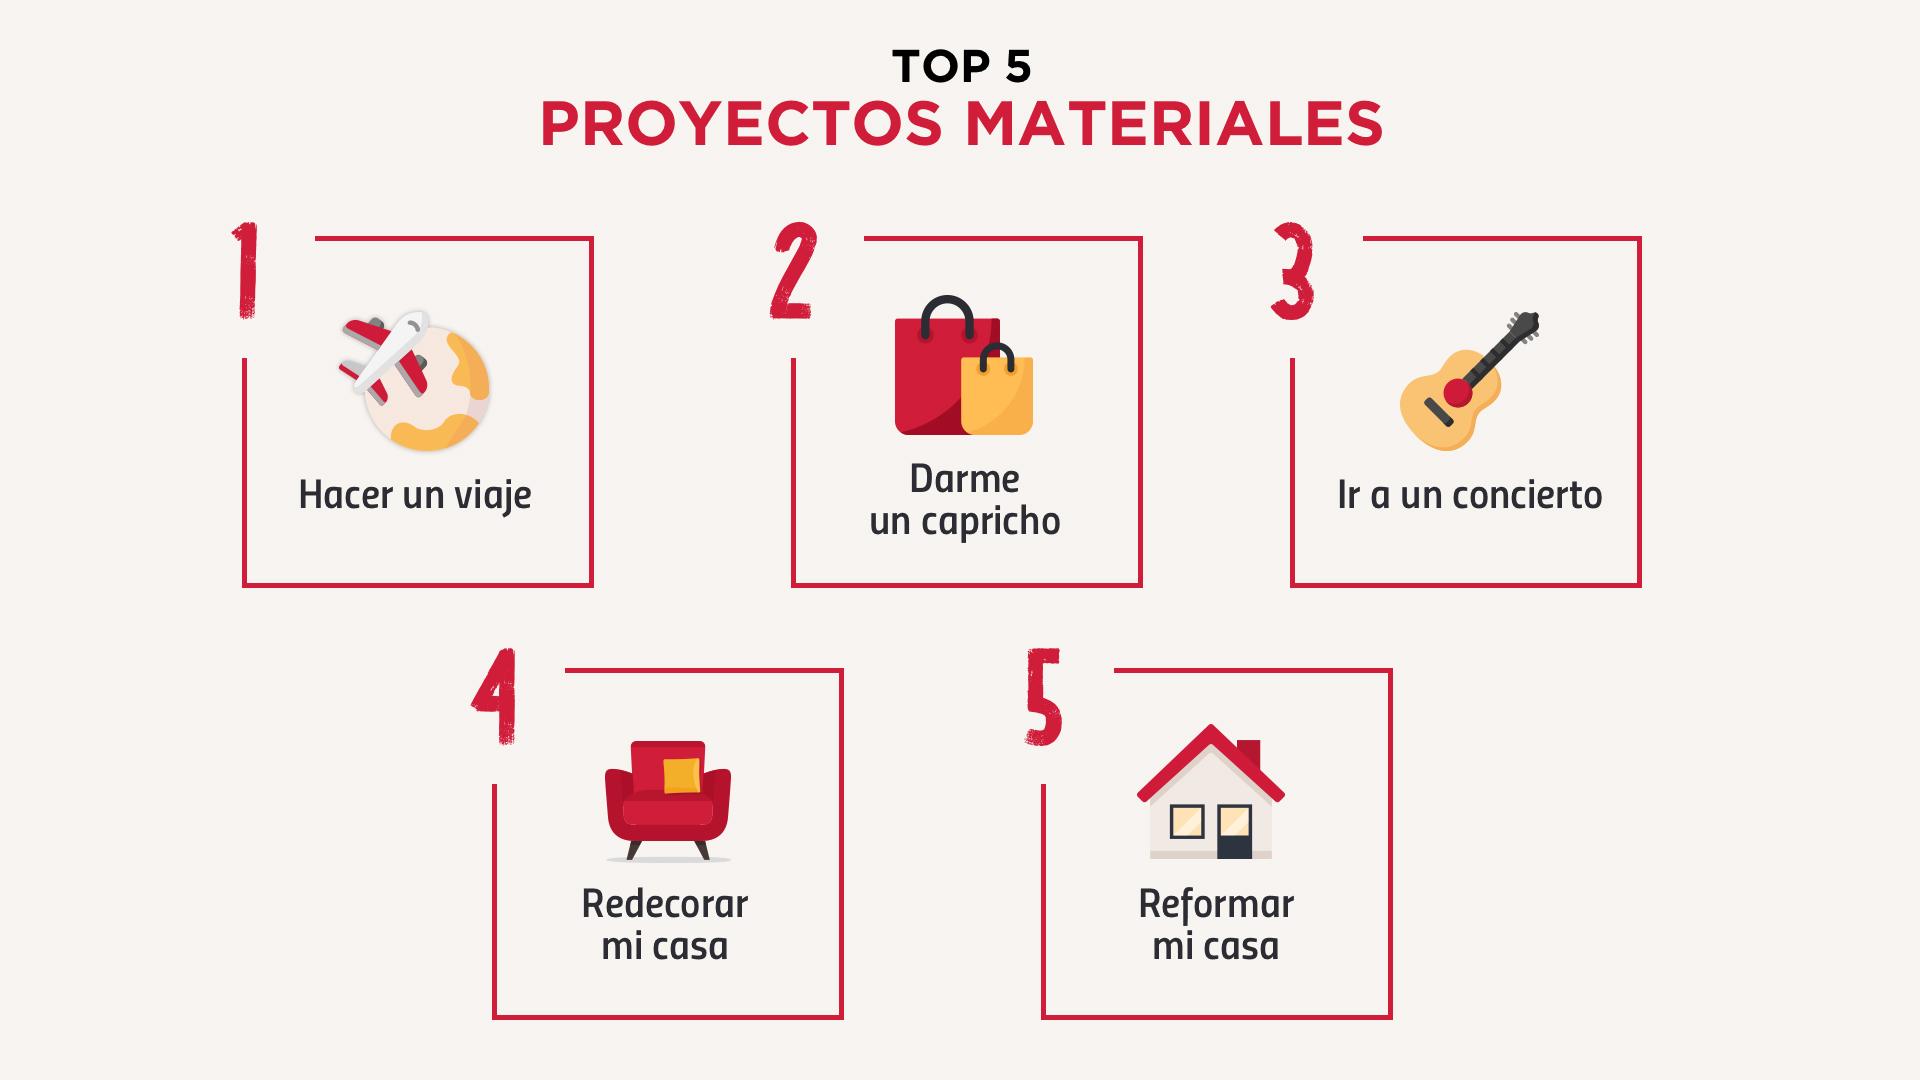 top 5 proyectos materiales